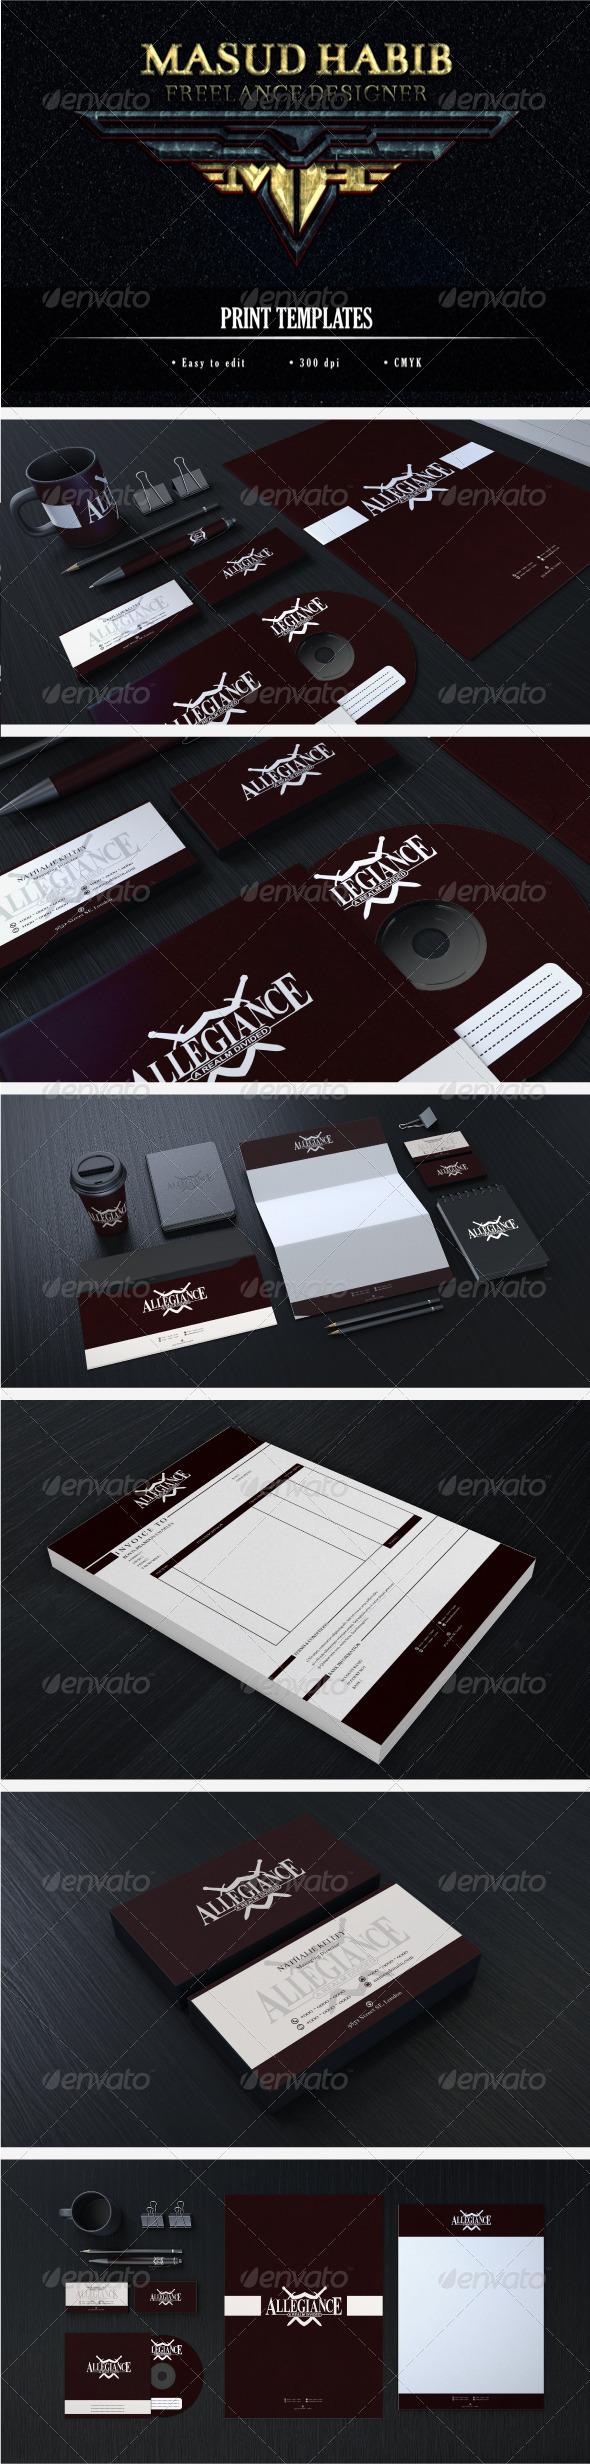 GraphicRiver Creative Corporate Identity 12 6386579